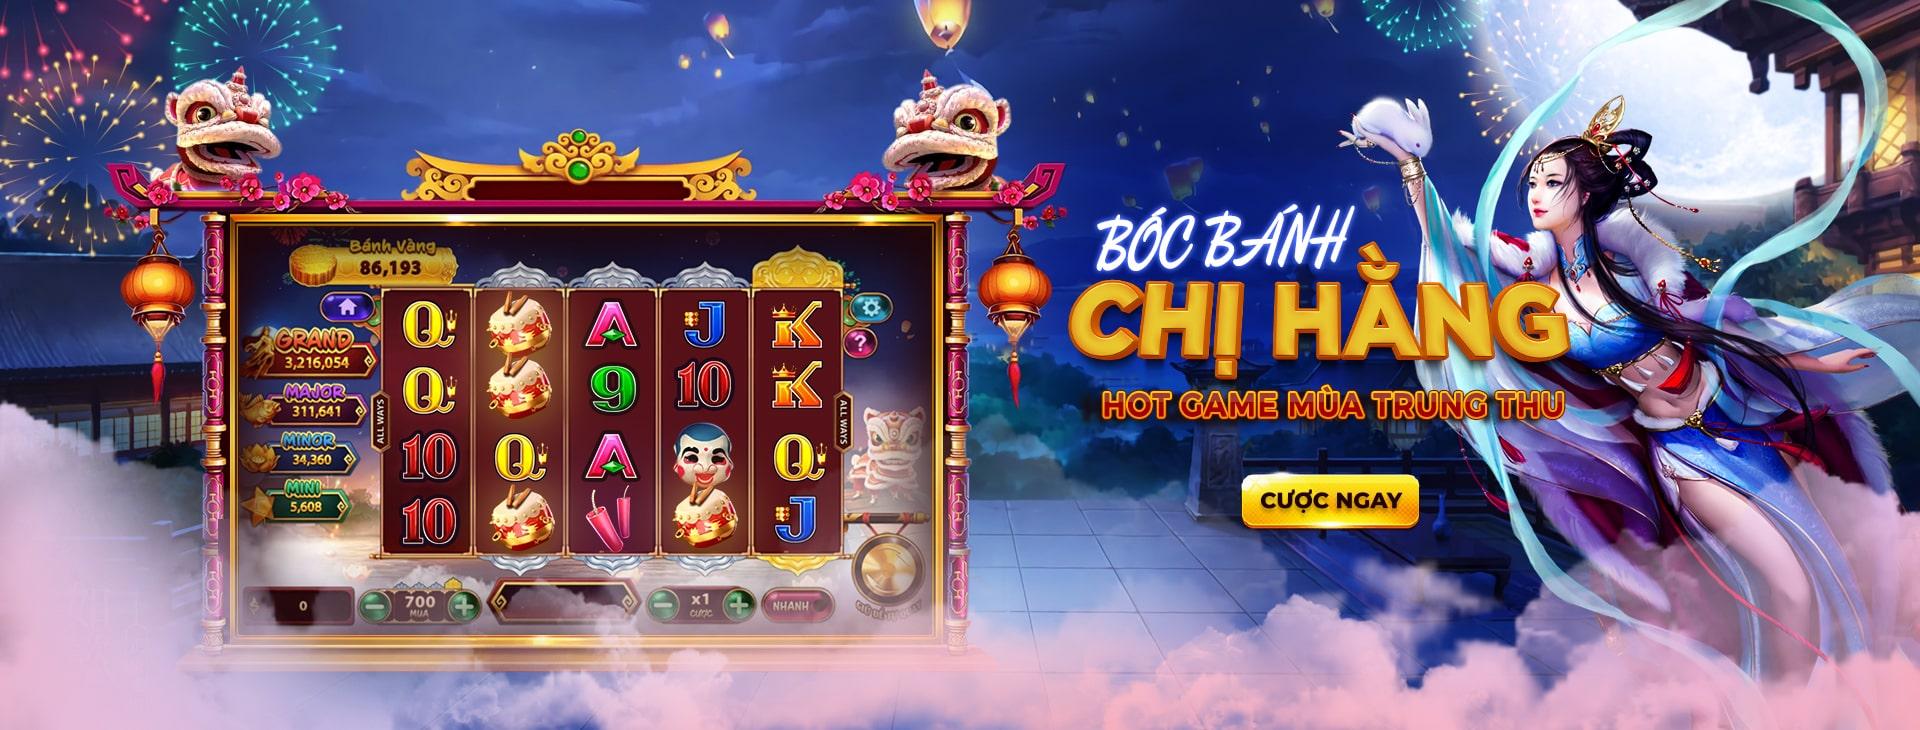 Banner boc banh chi hang